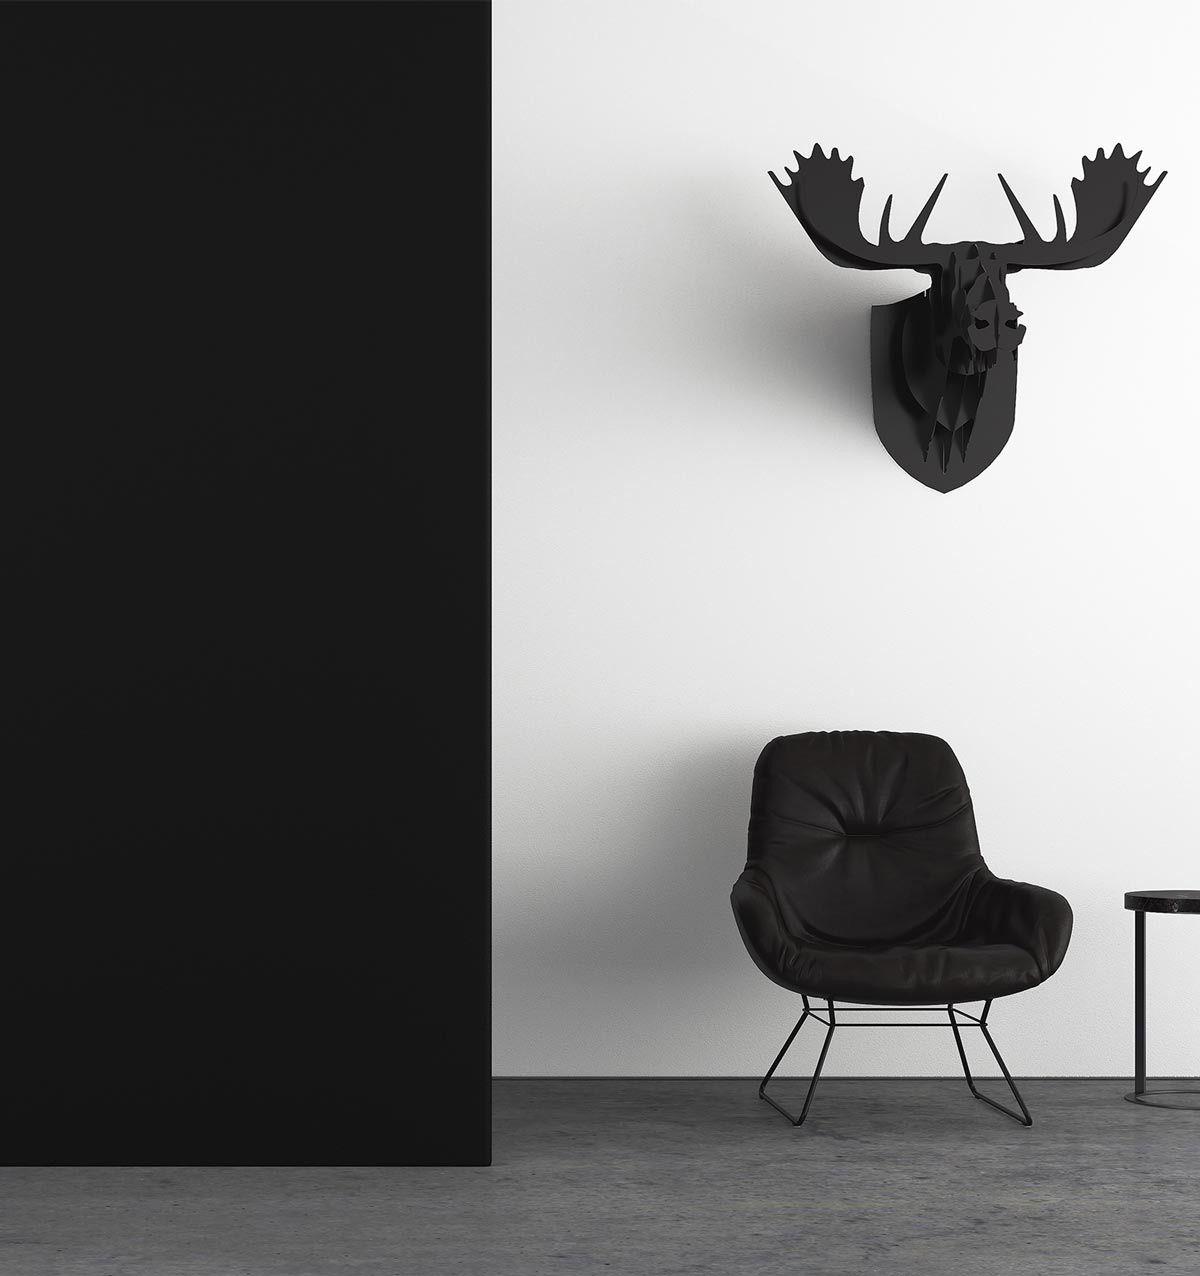 noir intense peinture haut de gamme peintures1825. Black Bedroom Furniture Sets. Home Design Ideas